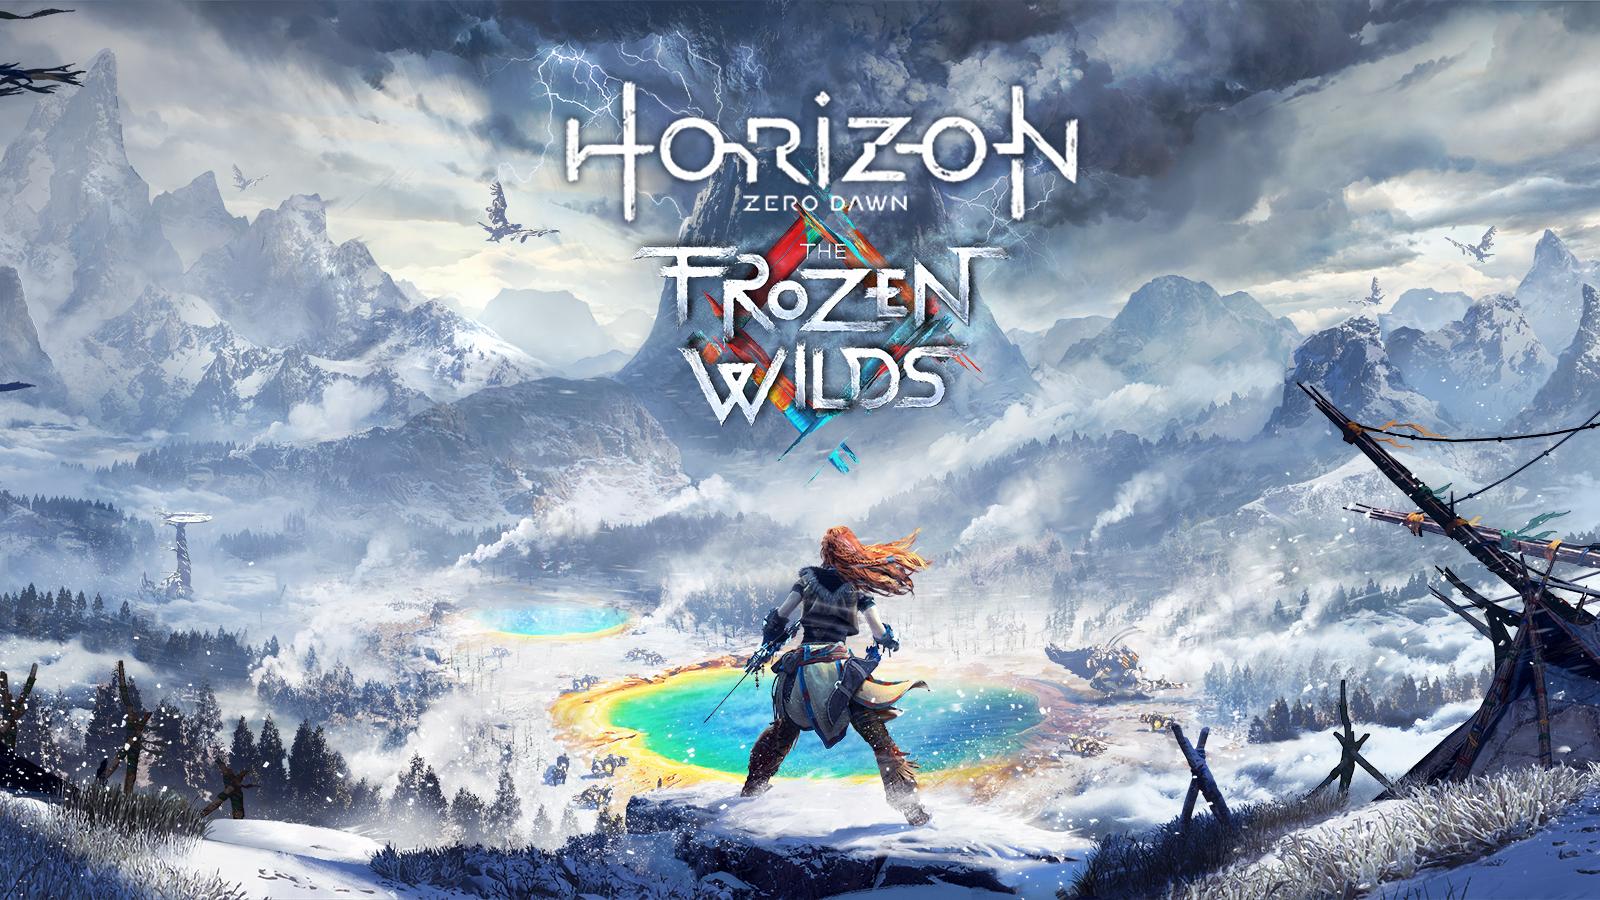 Resultado de imagen para Horizon: Zero Dawn - The Frozen Wilds